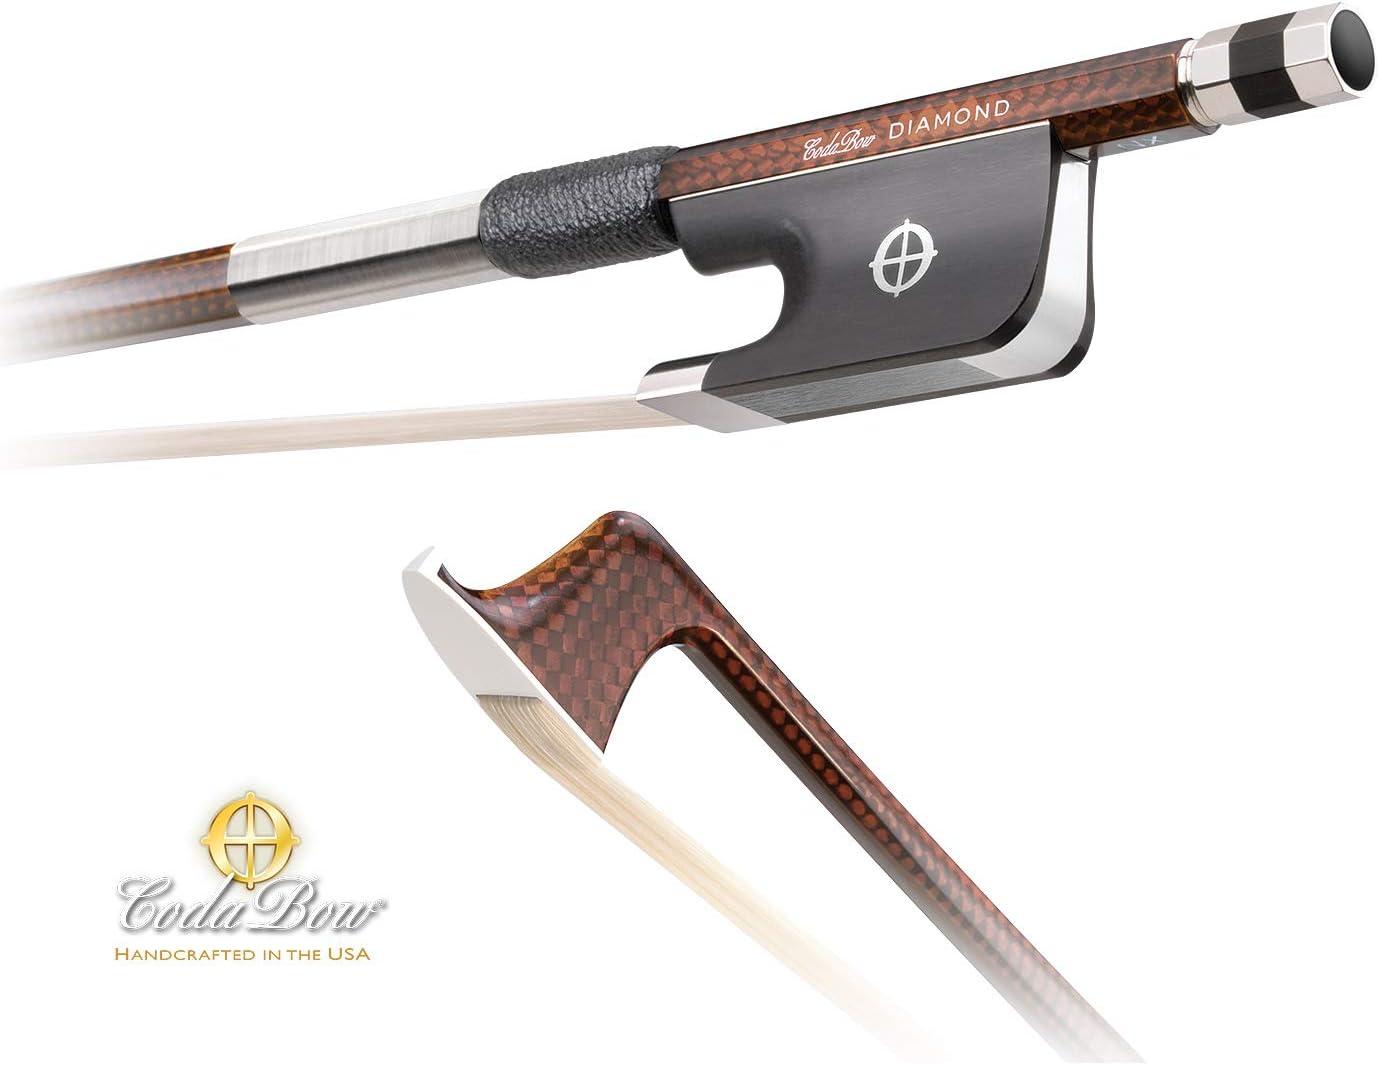 CodaBow Diamond NX Carbon Fiber 4/4 Cello Bow